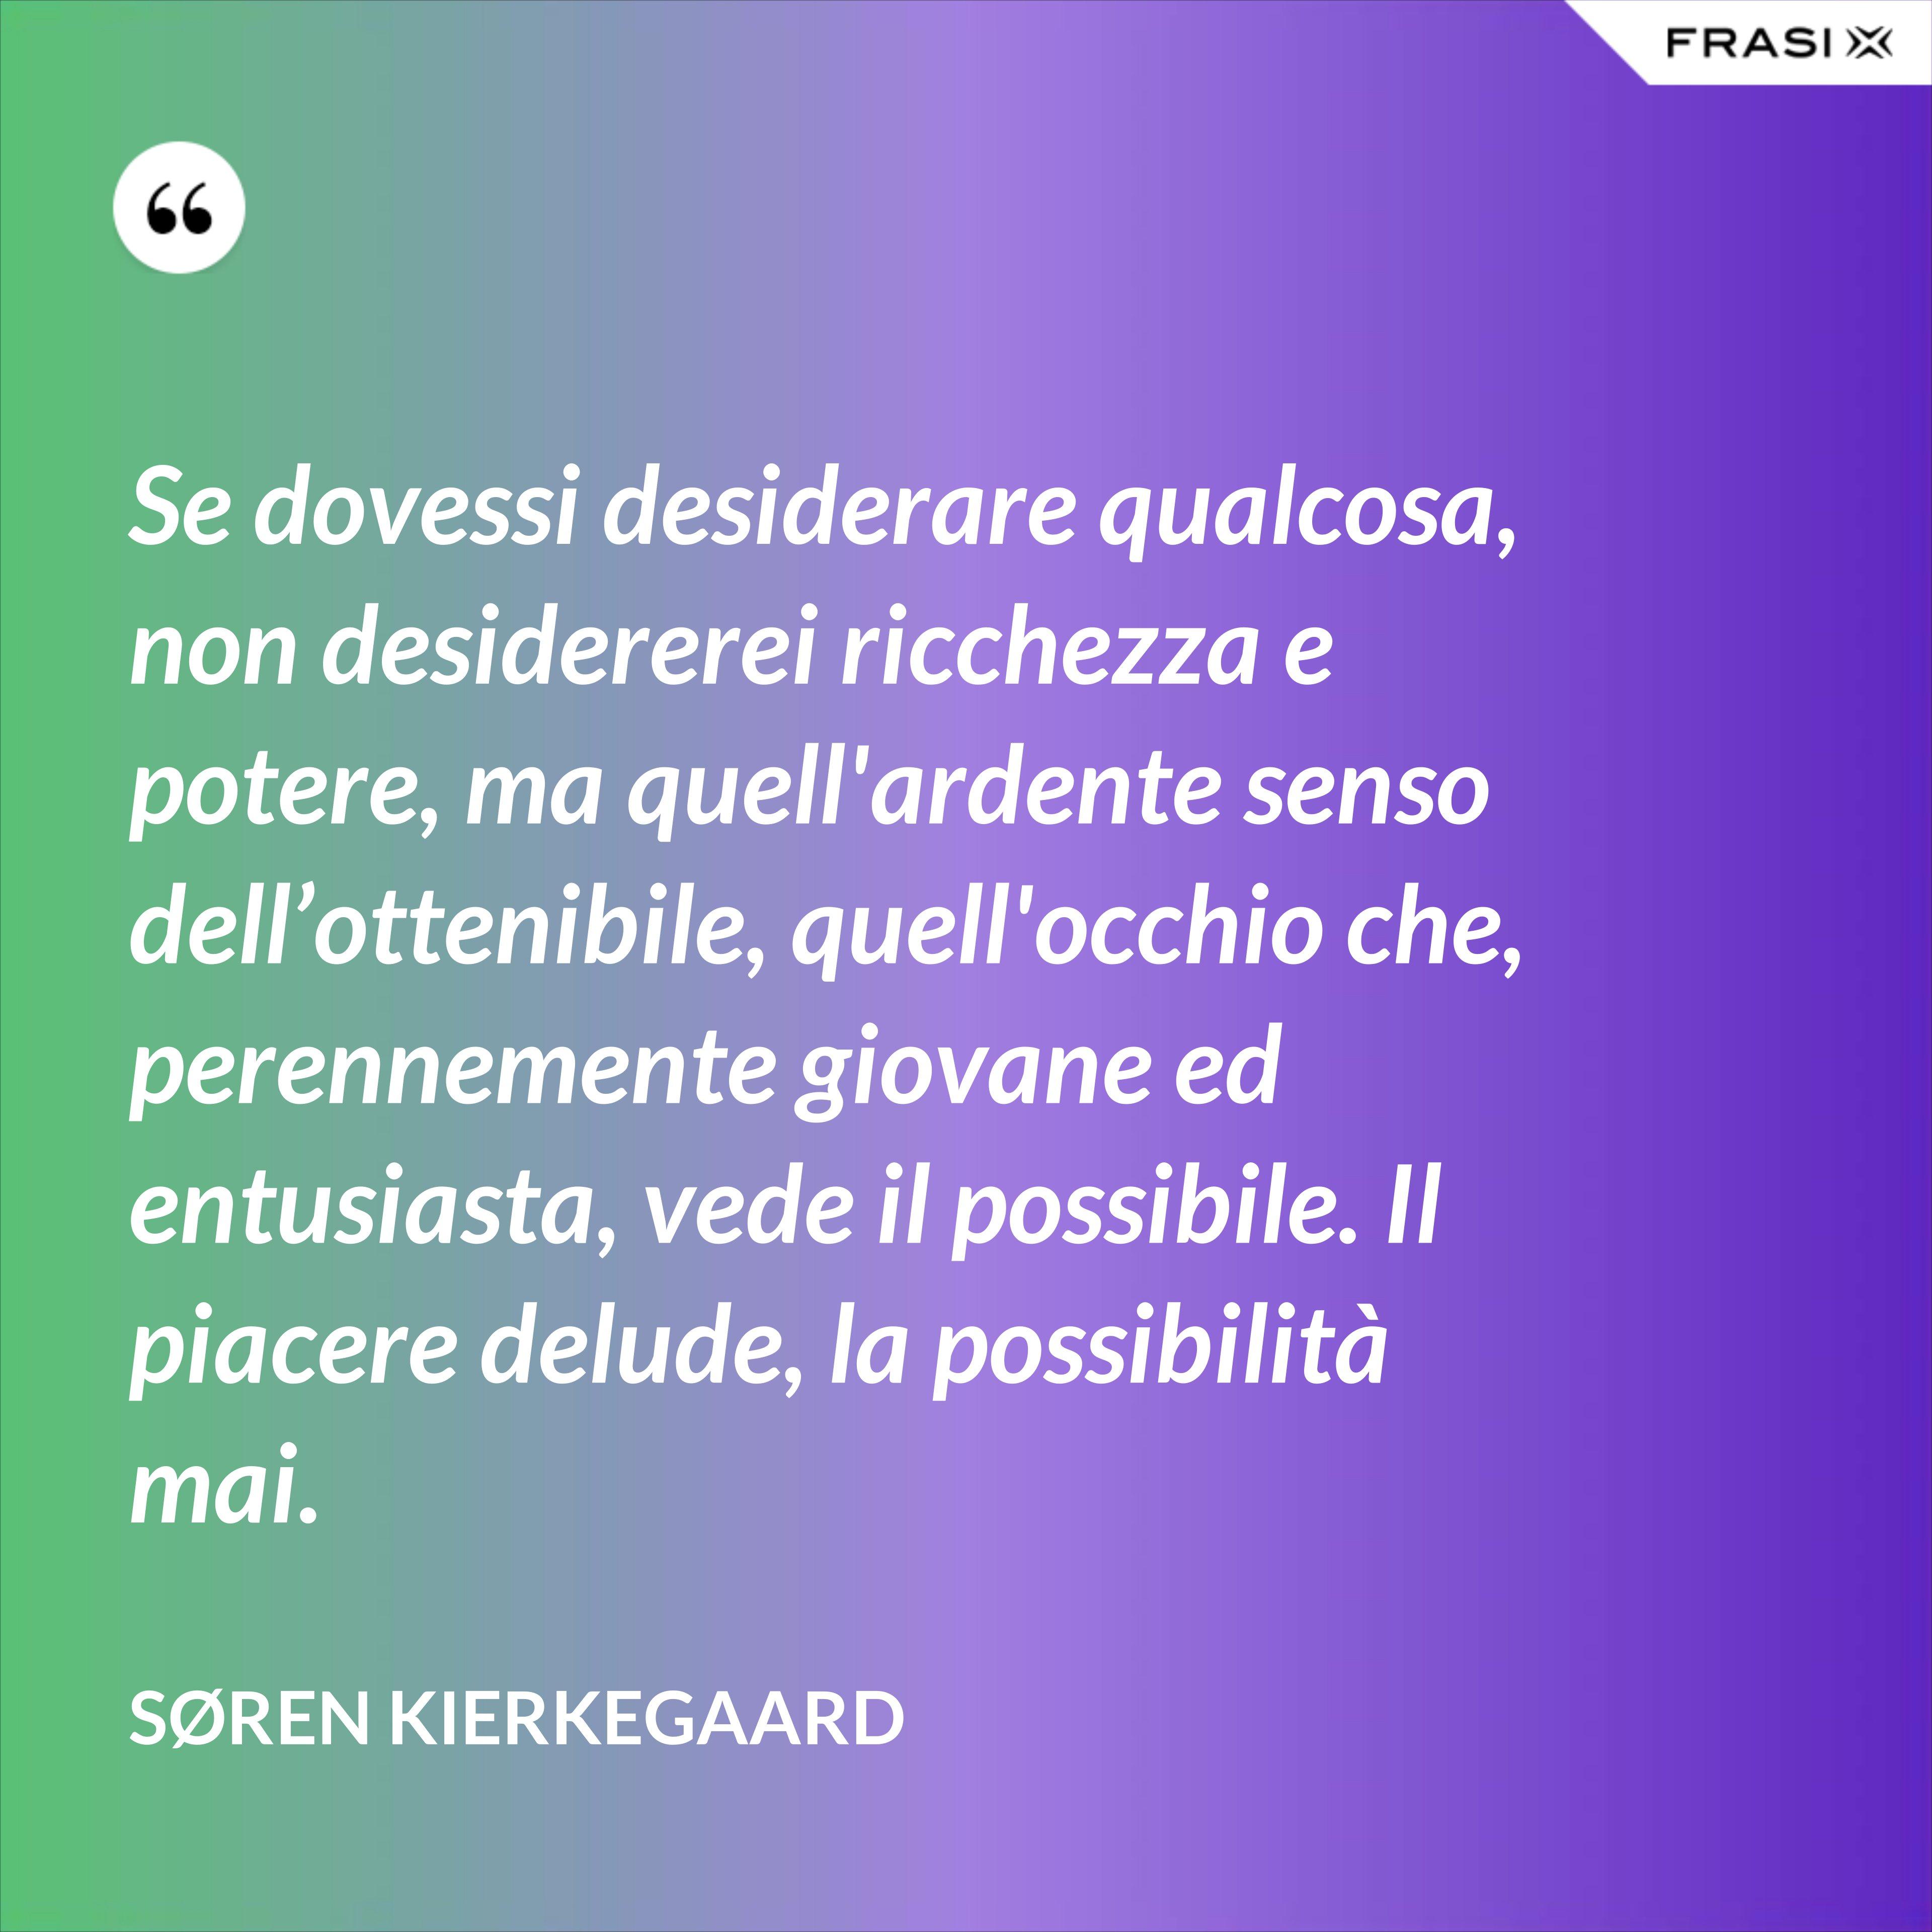 Se dovessi desiderare qualcosa, non desidererei ricchezza e potere, ma quell'ardente senso dell'ottenibile, quell'occhio che, perennemente giovane ed entusiasta, vede il possibile. Il piacere delude, la possibilità mai. - Søren Kierkegaard